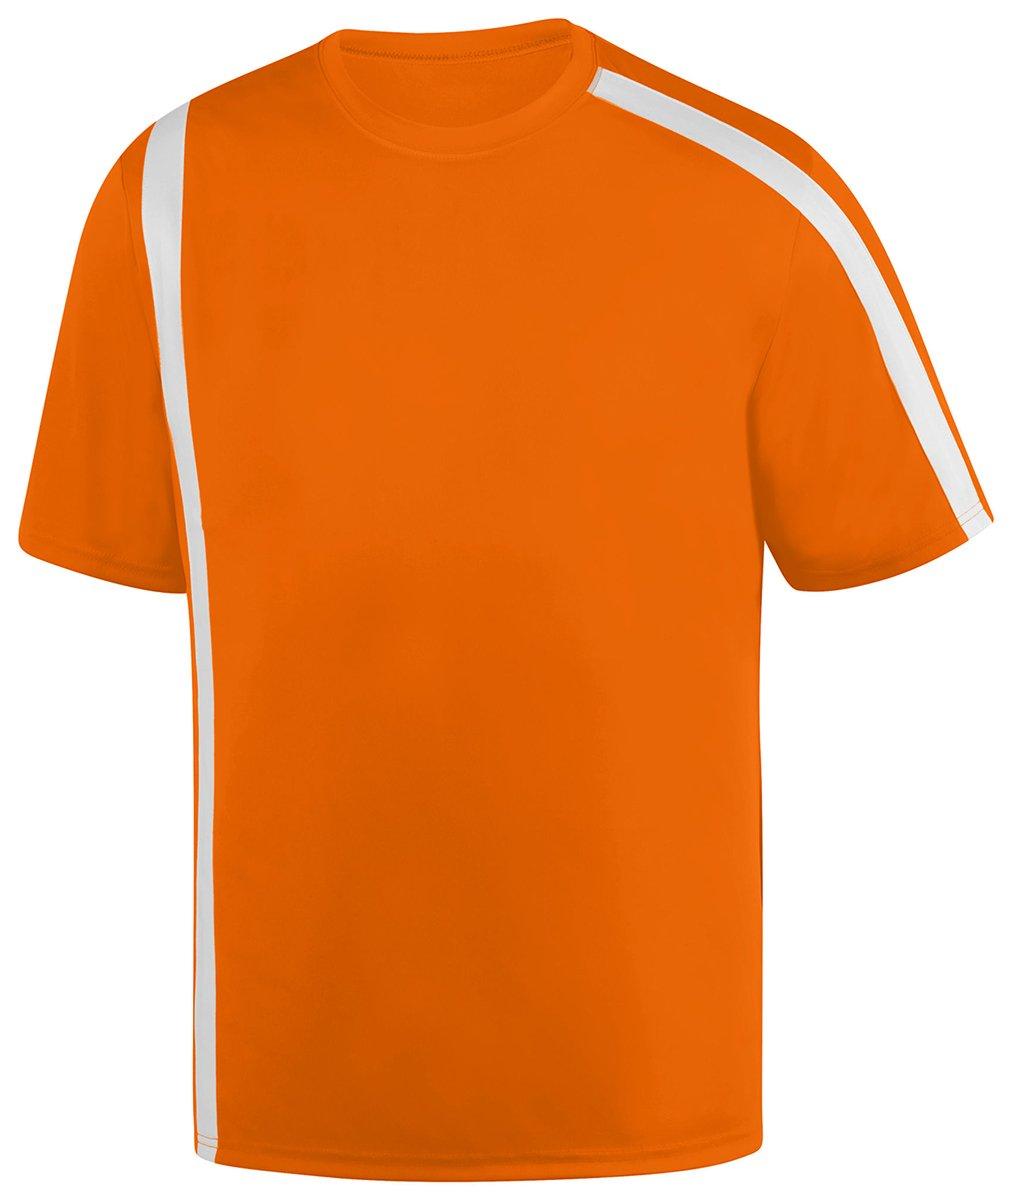 Augusta SportswearメンズAttacking Third Jersey B01DQ7GCWS Large|Power Orange/White Power Orange/White Large